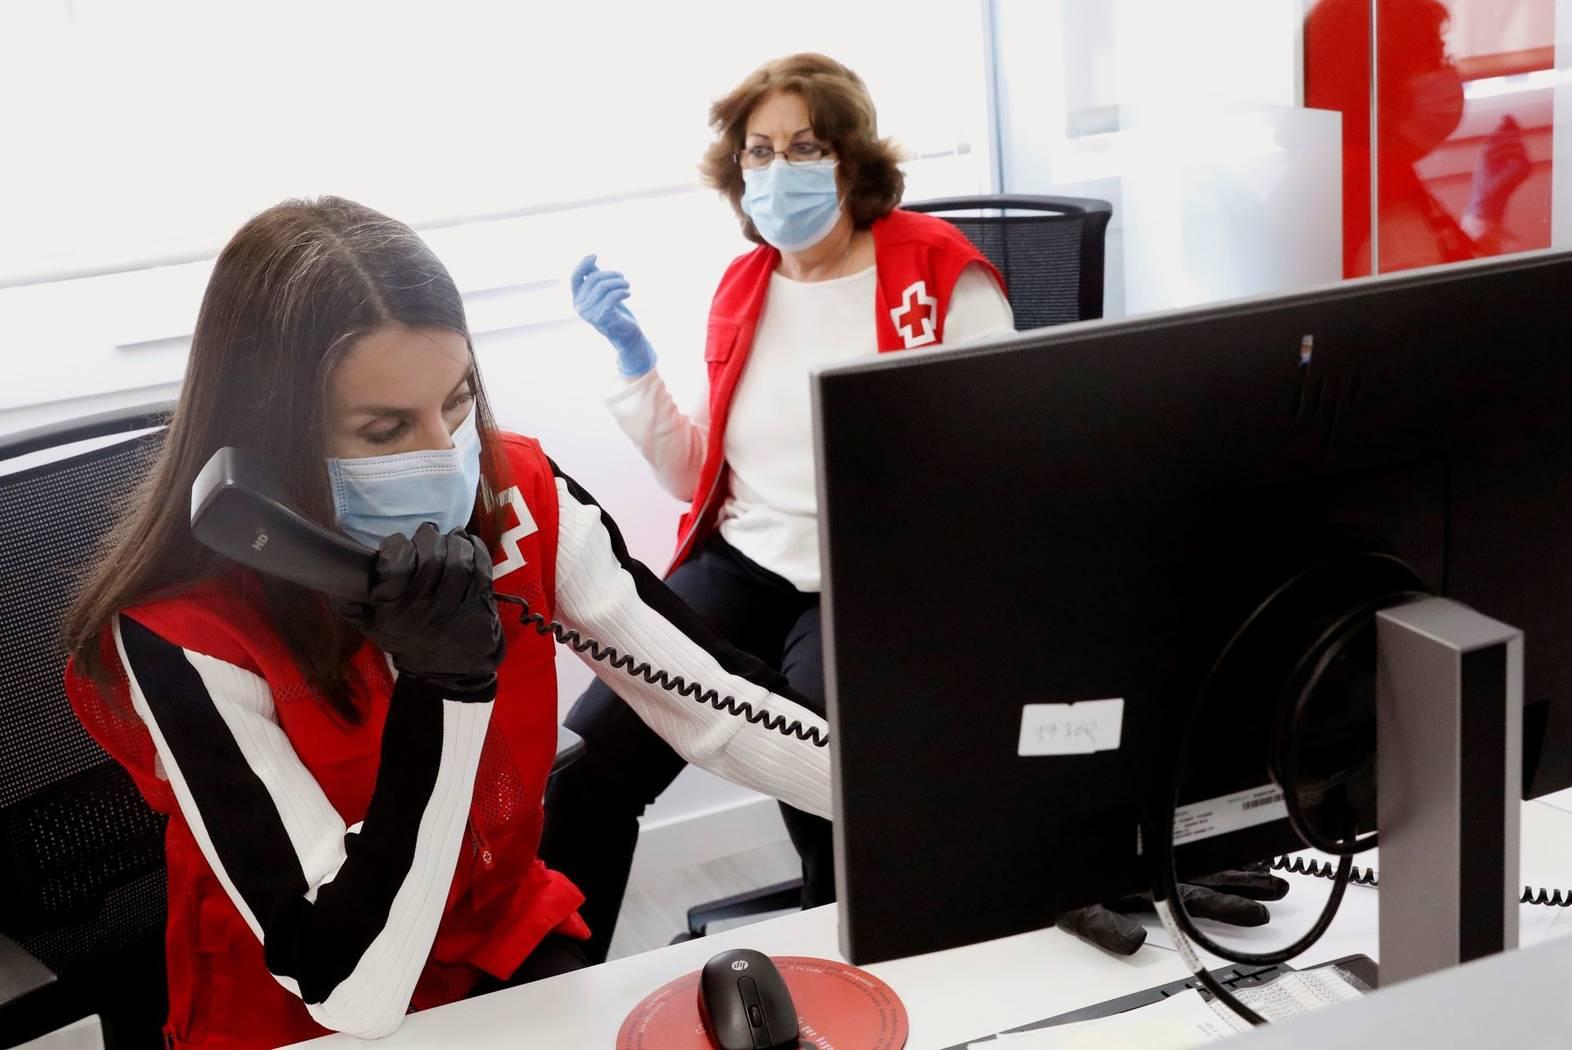 La reina Letizia, una voluntaria más de Cruz Roja (VÍDEO